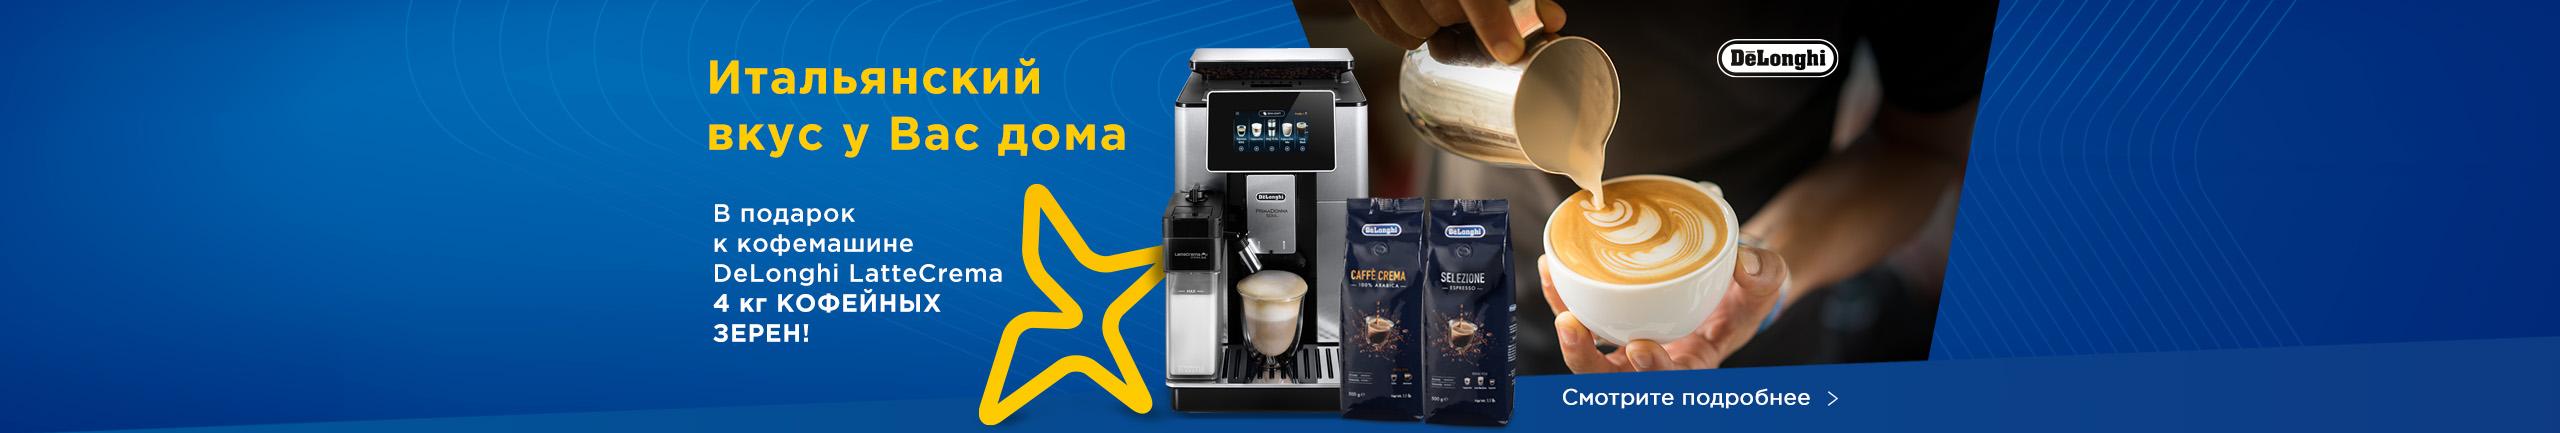 В подарок к кофемашине DeLonghi LatteCrema – 4 кг кофейных зерен!